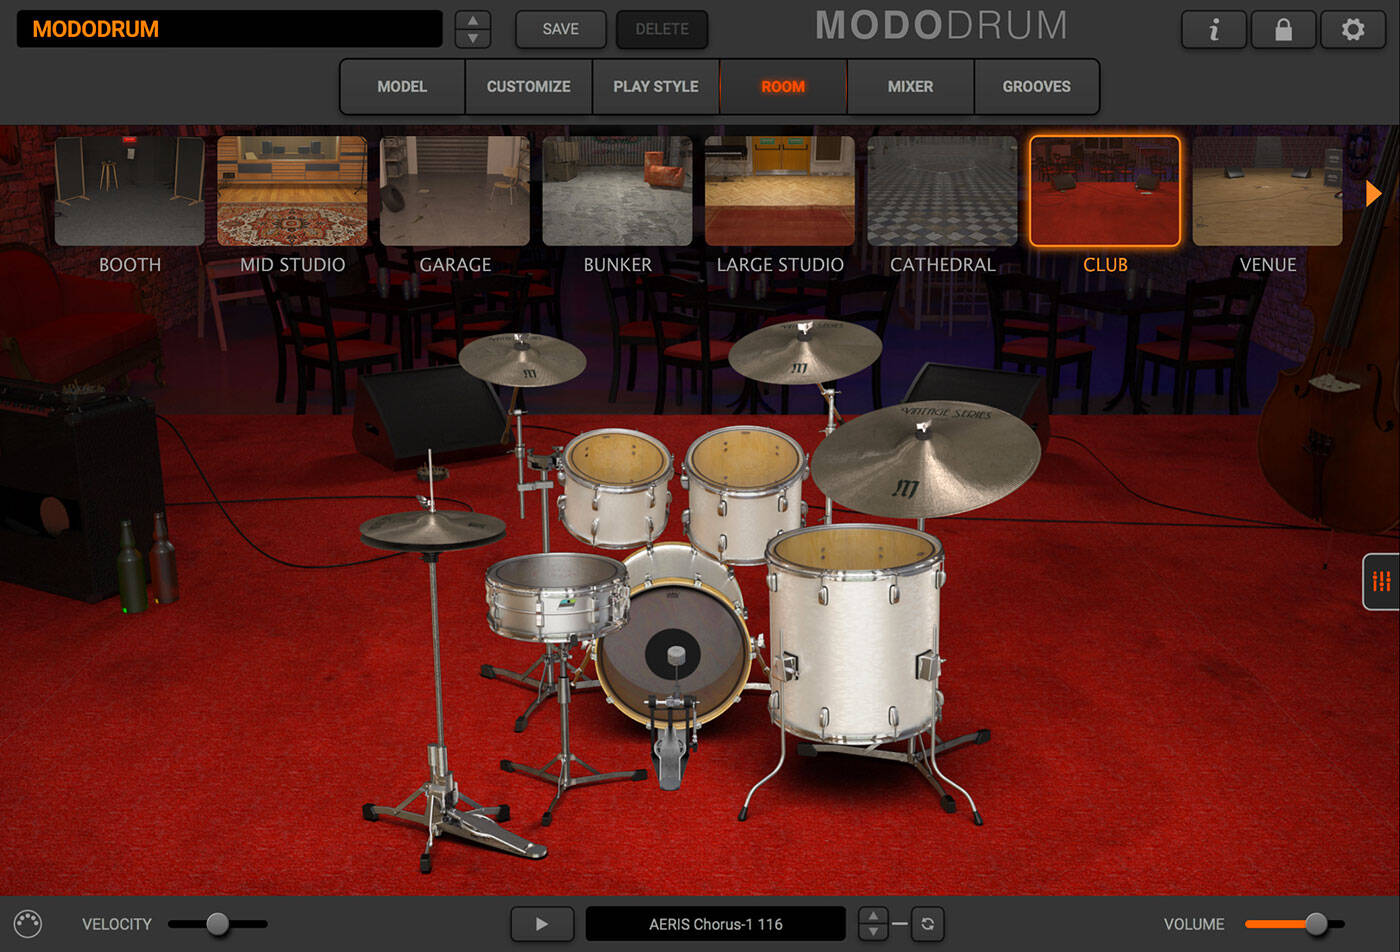 modo_drum_room_club